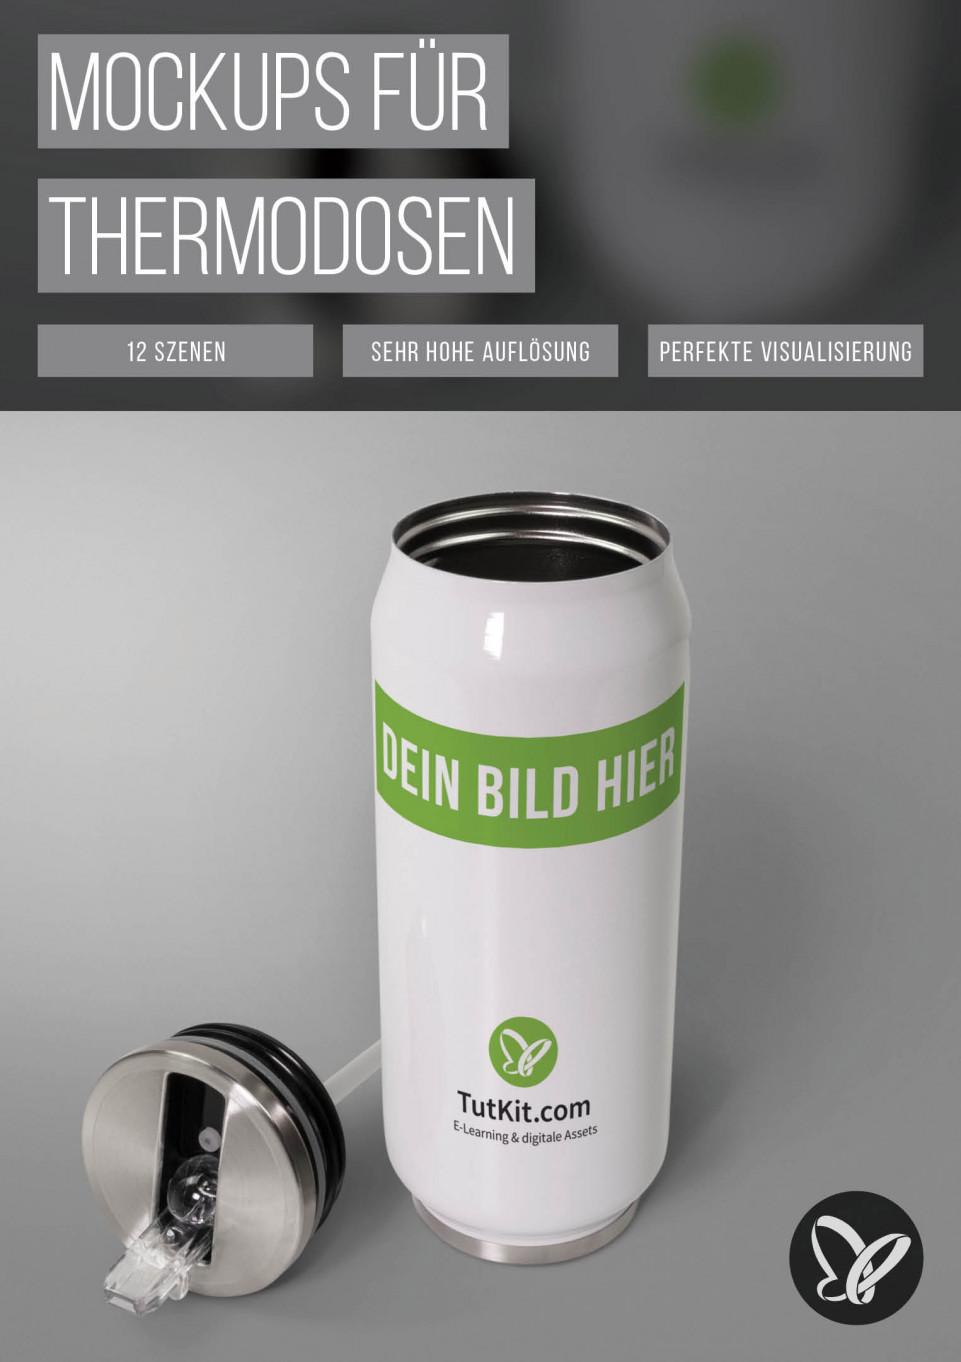 Photoshop-Mockups für Thermodosen